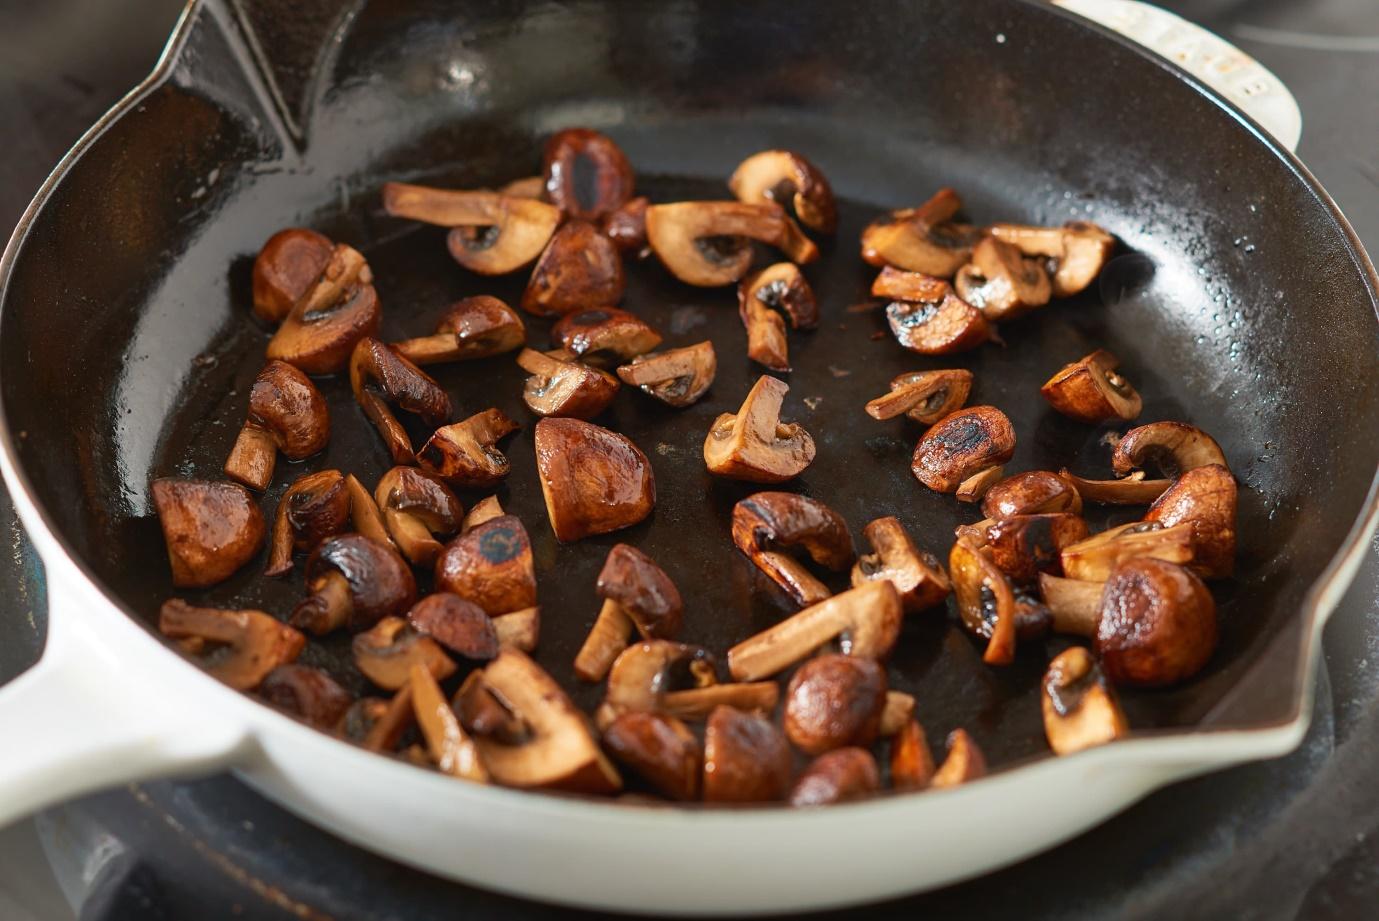 Vượt qua 5 lỗi cơ bản trong cách chế biến nấm để giữ trọn vị ngọt đặc biệt của nấm cho mọi món ăn. - Ảnh 5.